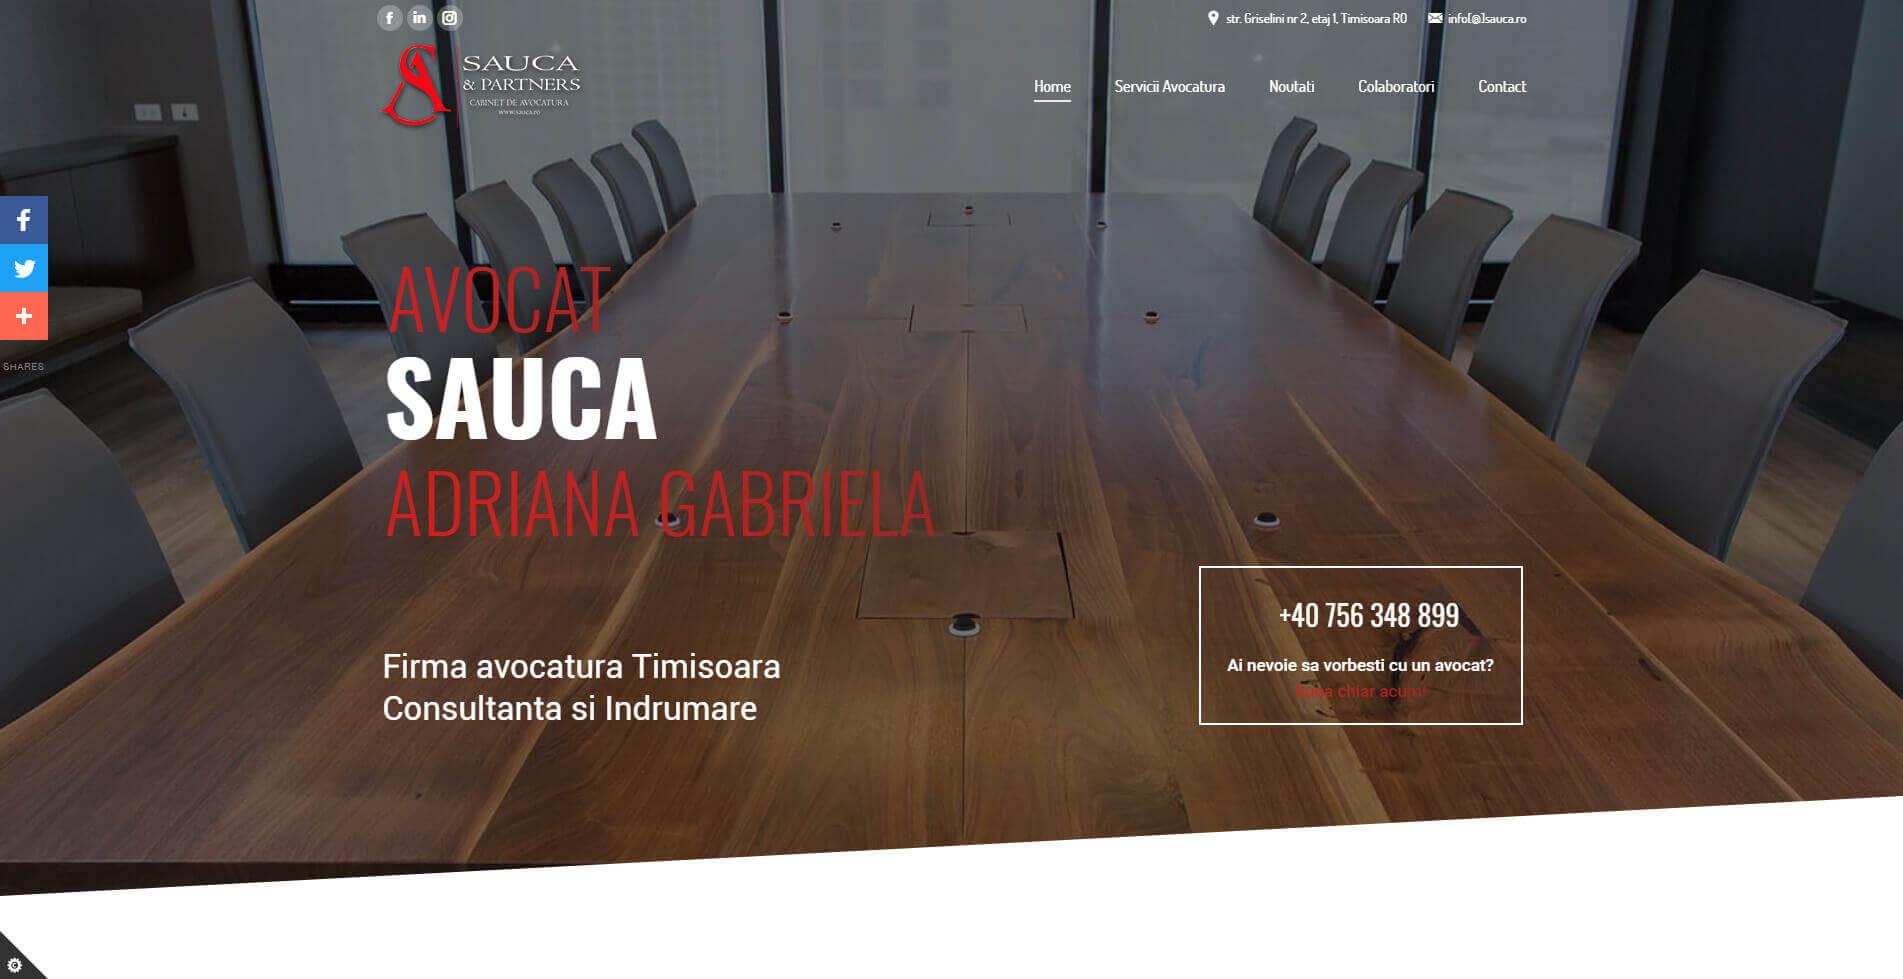 Web Design Timisoara - Avocat Sauca